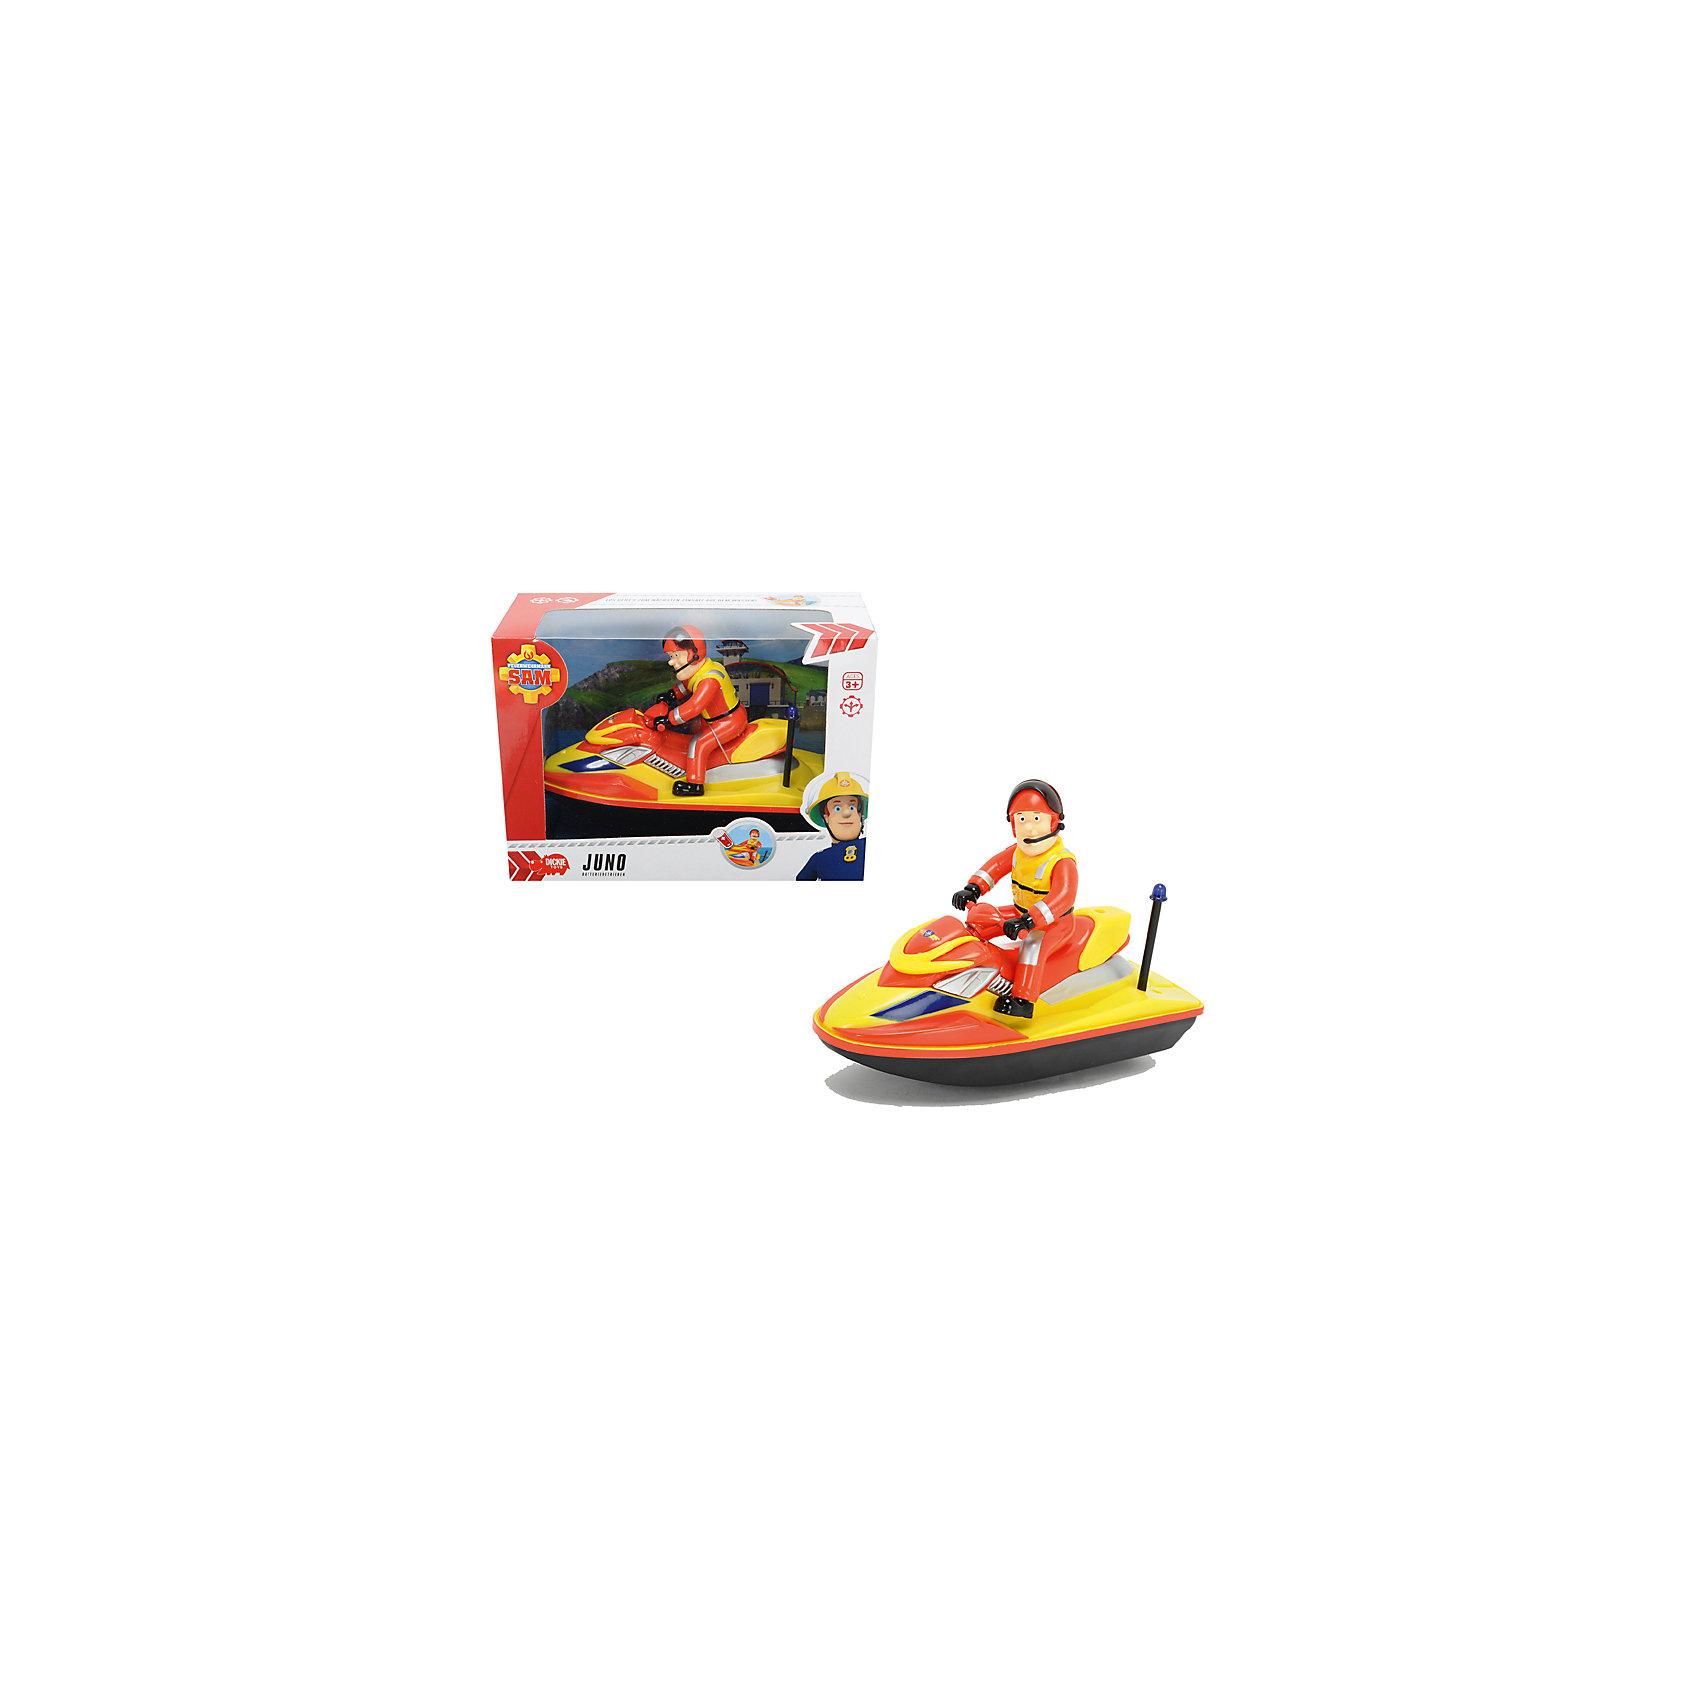 ФОТО - Водный скутер, 22см, Пожарный Сэм, dickie